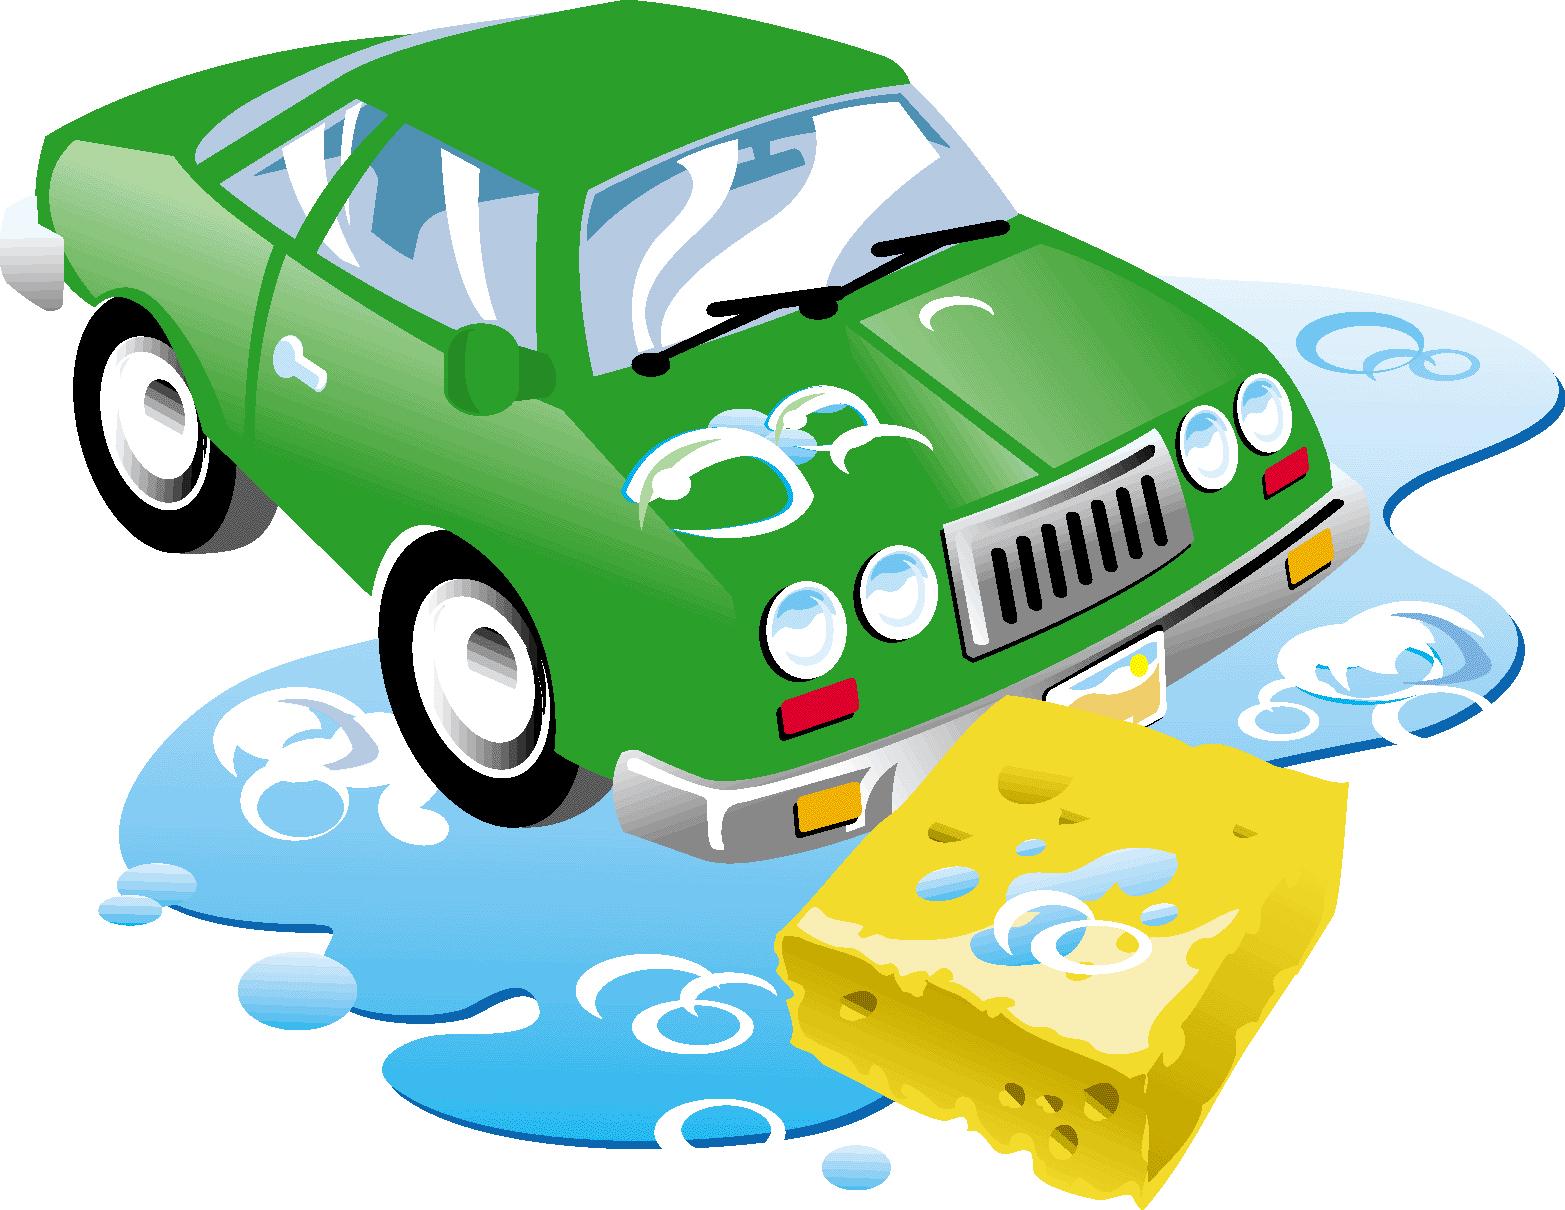 Best Car Wash Carwash Tustin Orange County Tustin Cafe Auto Spa